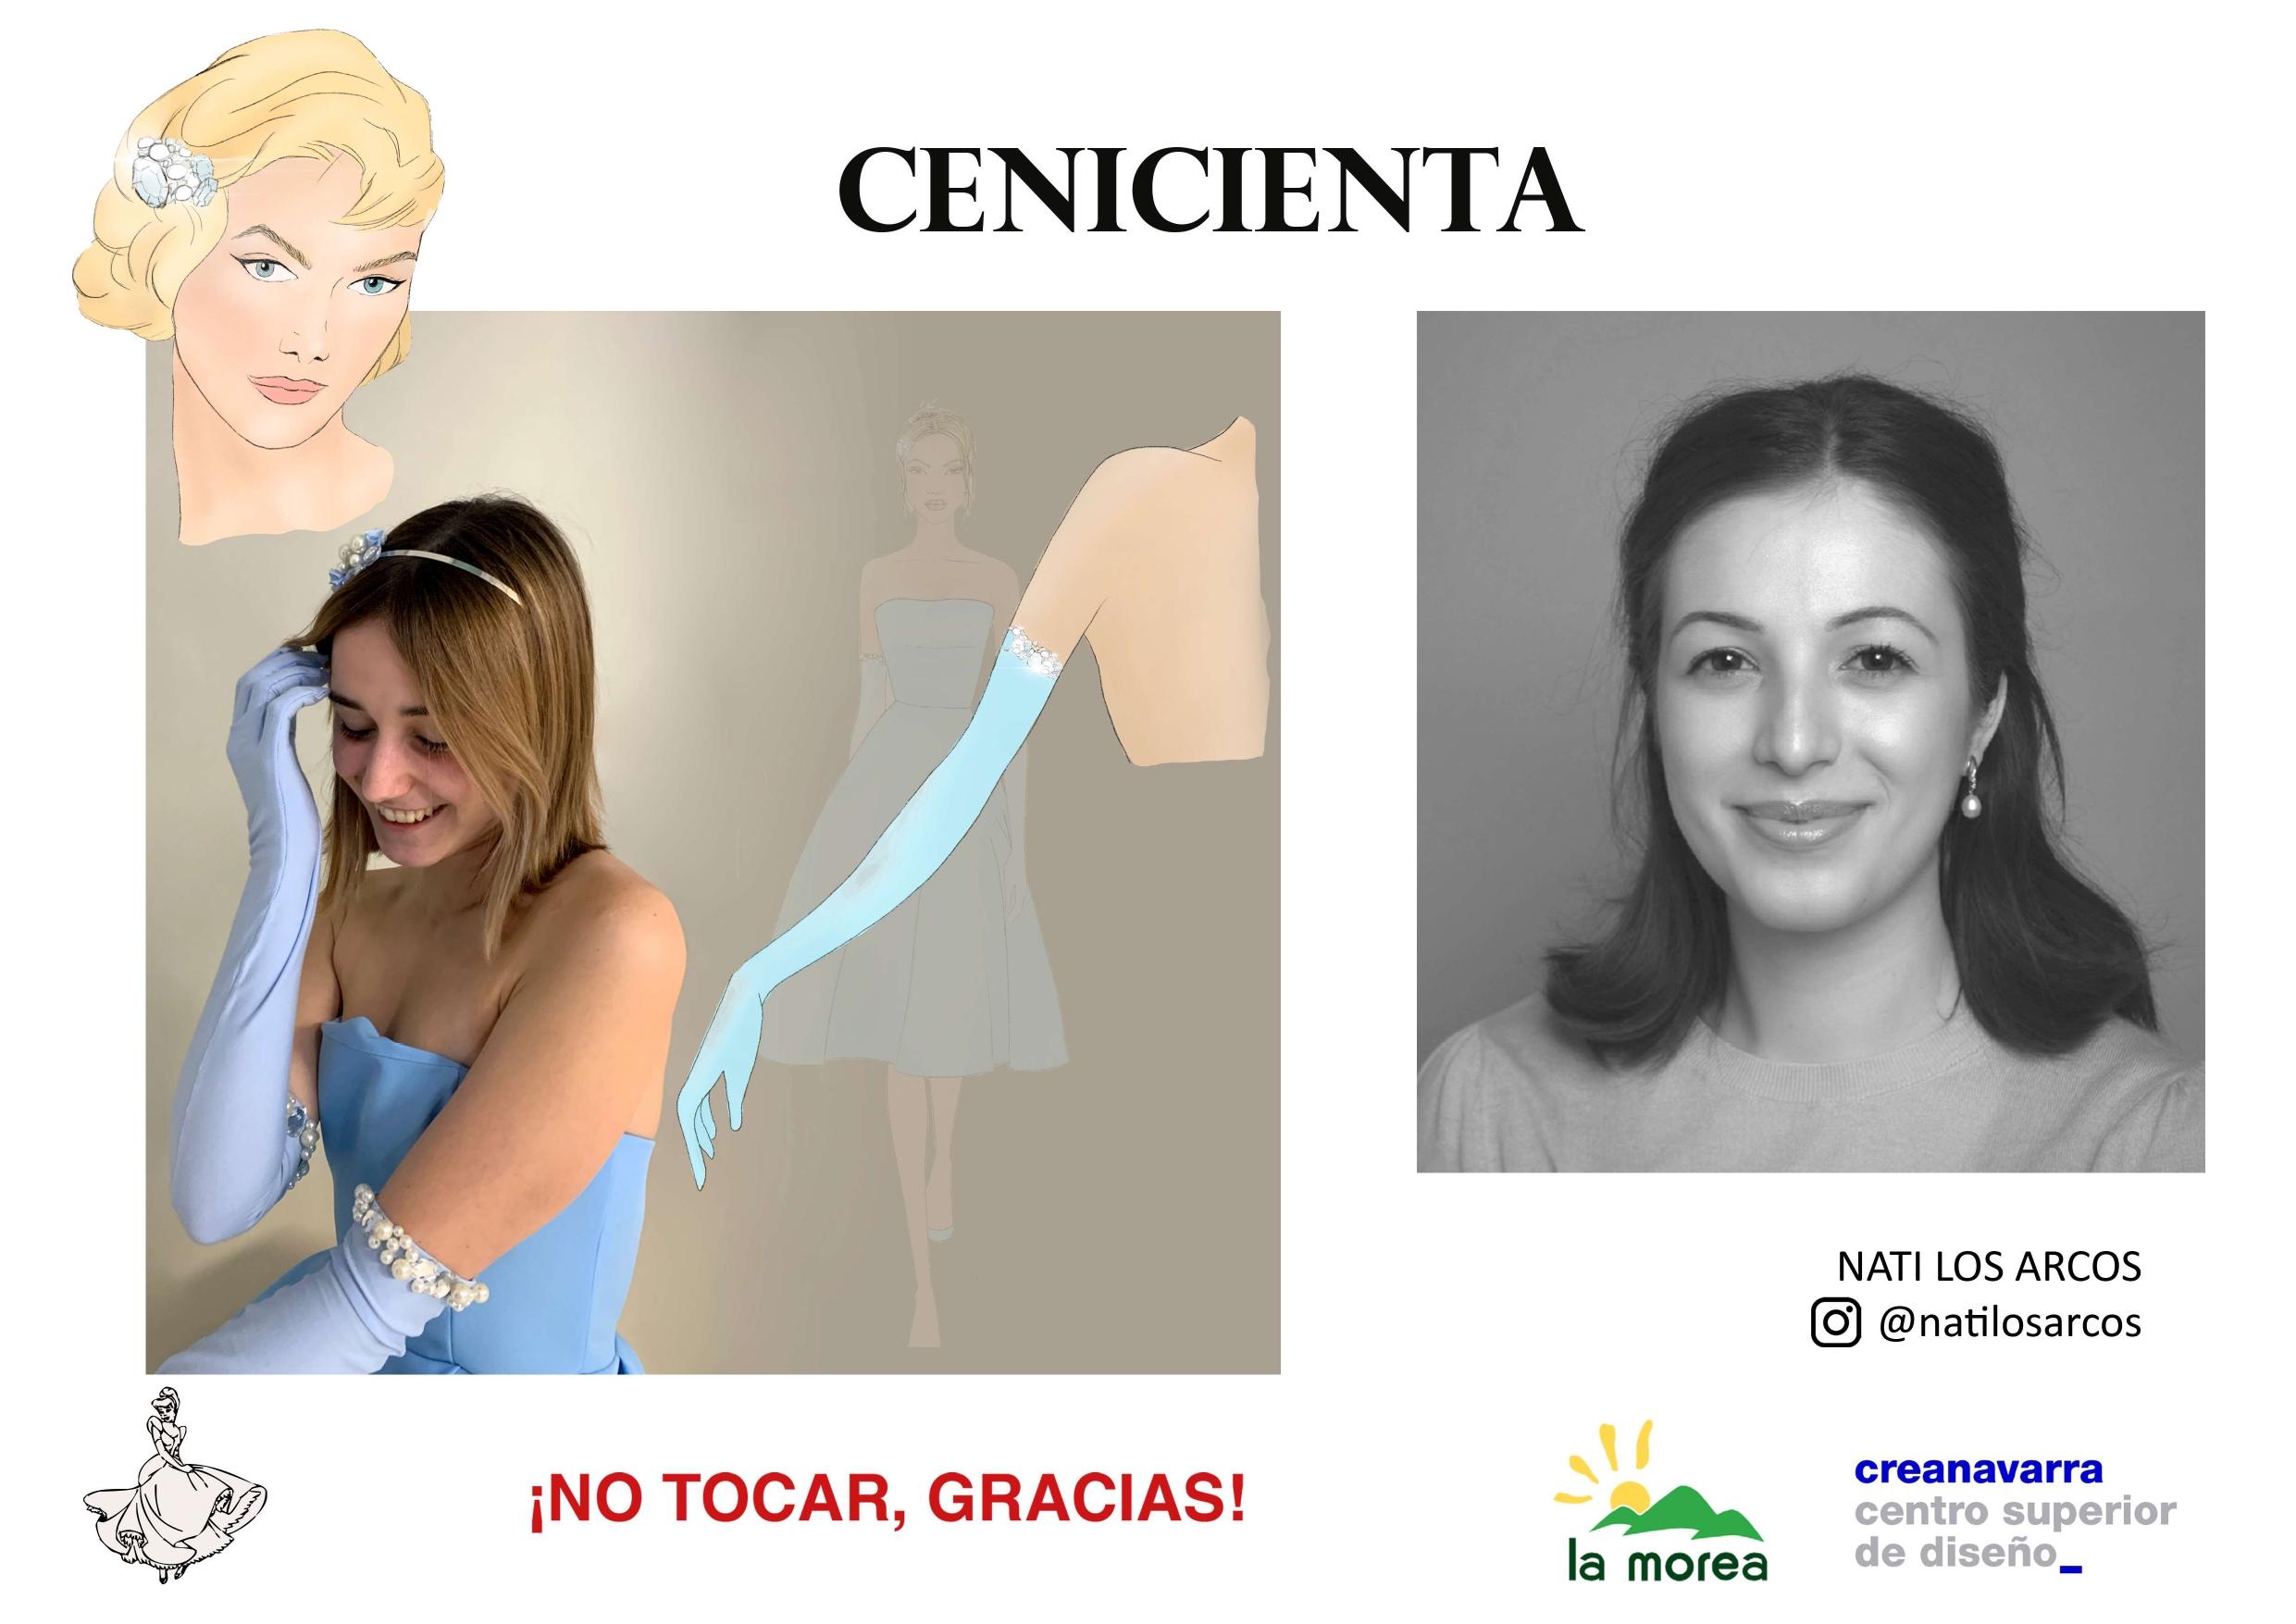 Look Cenicienta de Nati Los Arcos